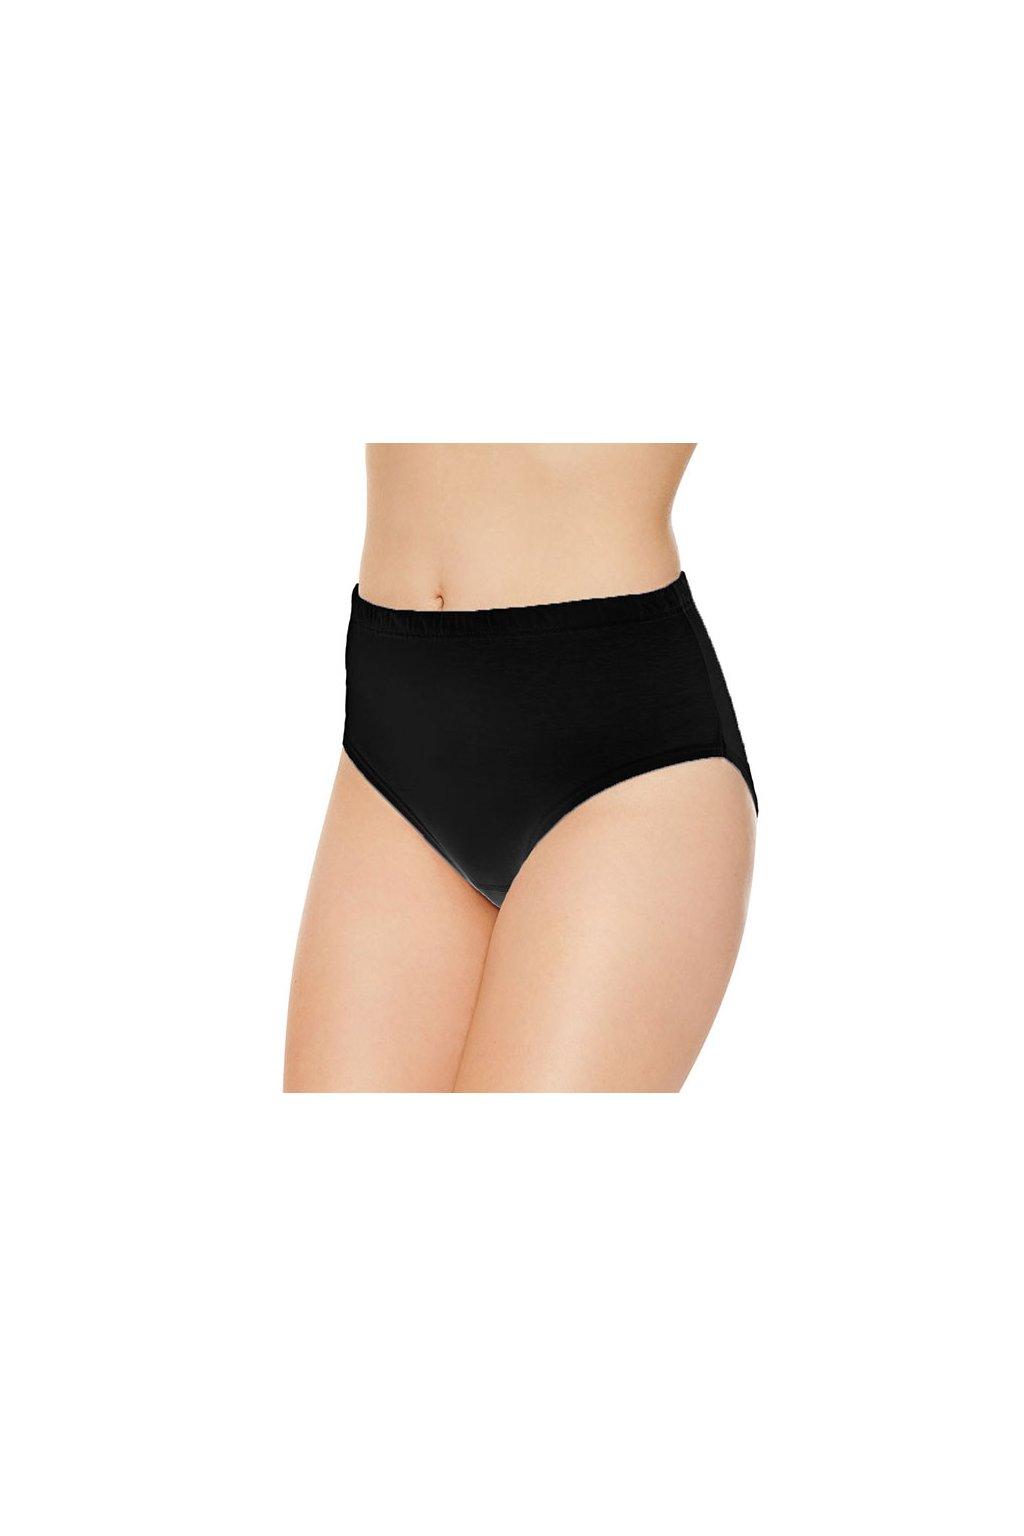 Dámské kalhotky, 100ZOFIA 29, černá